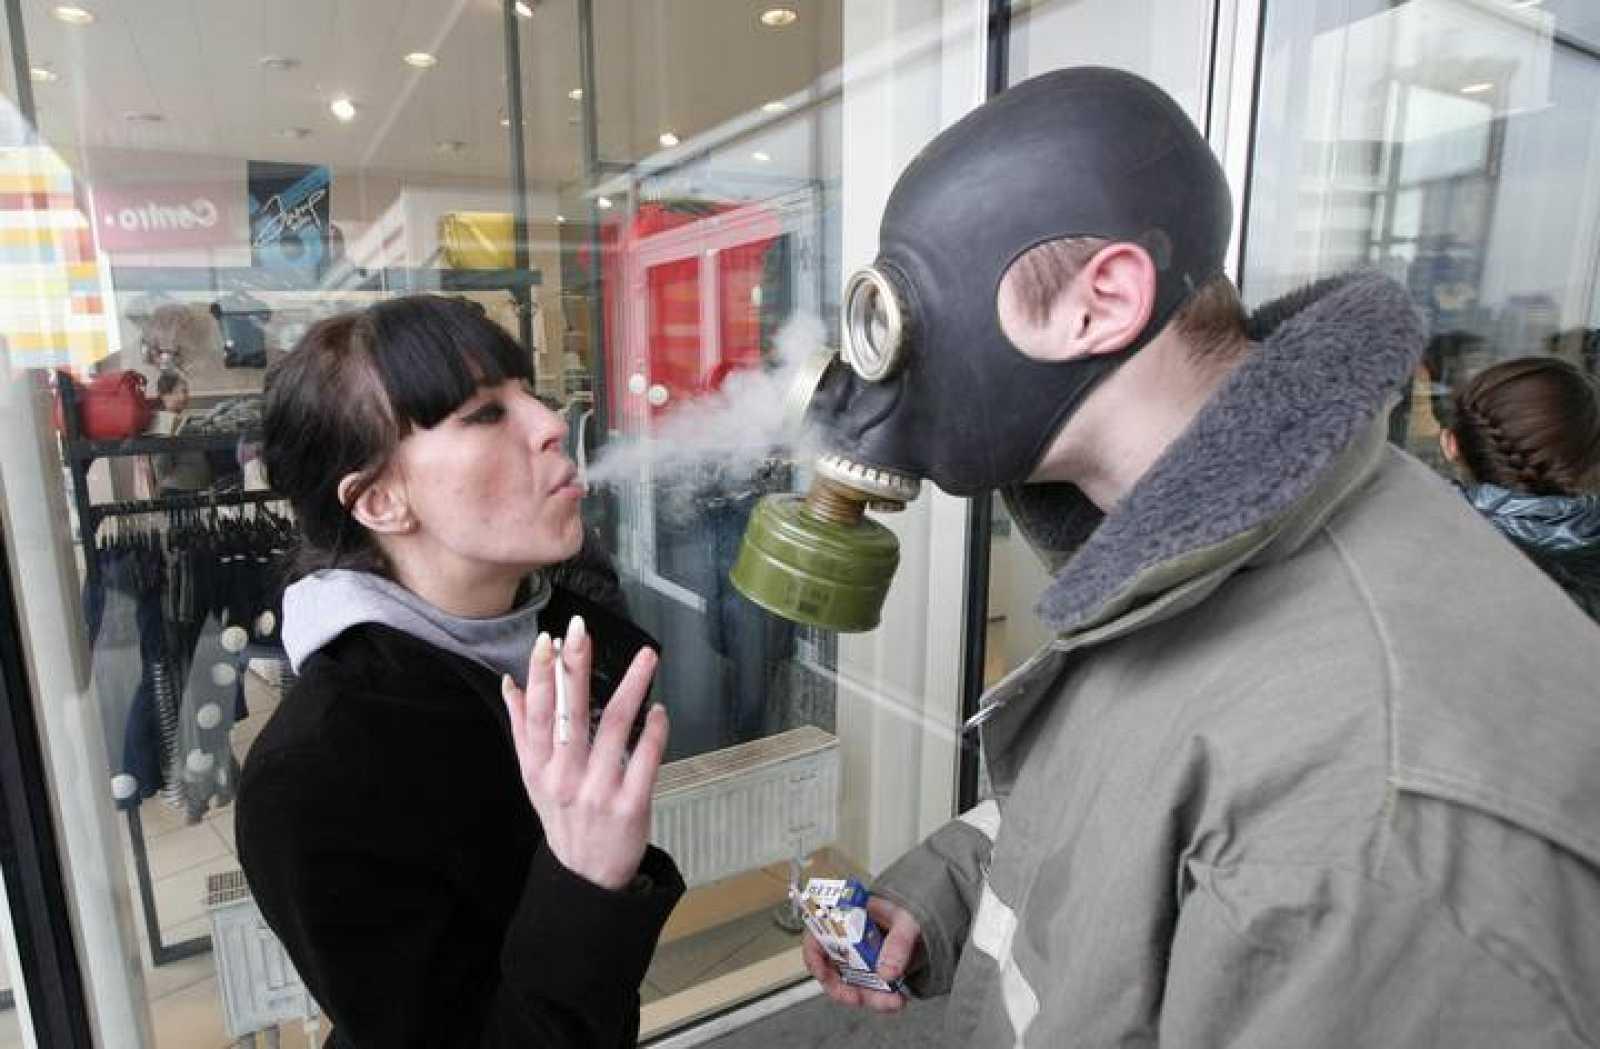 Una mujer lanza humo sobre un activista que lleva una máscara antigás e nun protesta anti tabaco en Rusia.